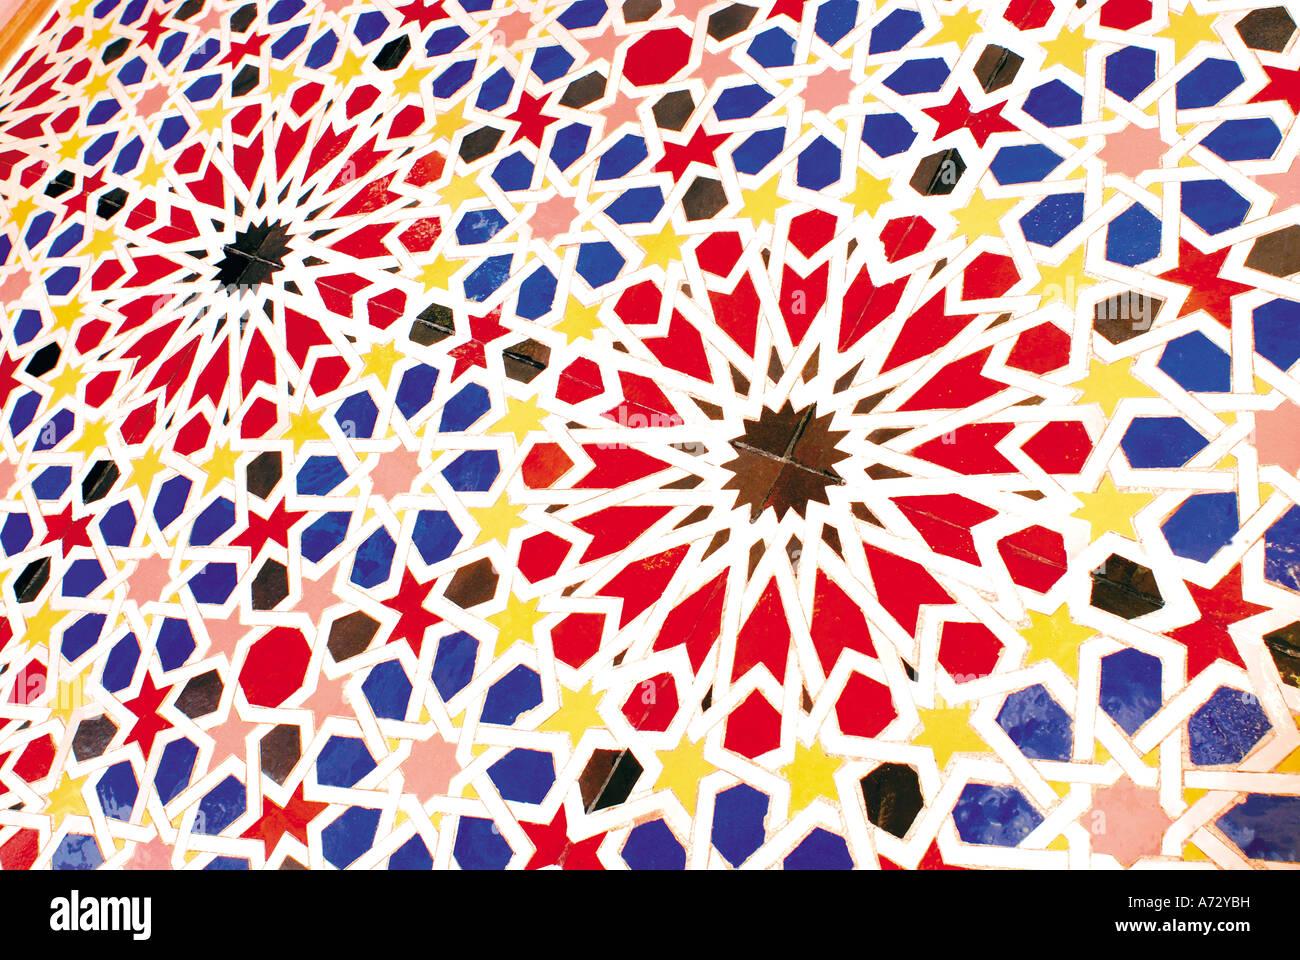 Neo arabic mosaic ornament, Casa da Cultura de arte Islamica, Center of islamic and mediterranean arts,Silves, Algarve, - Stock Image